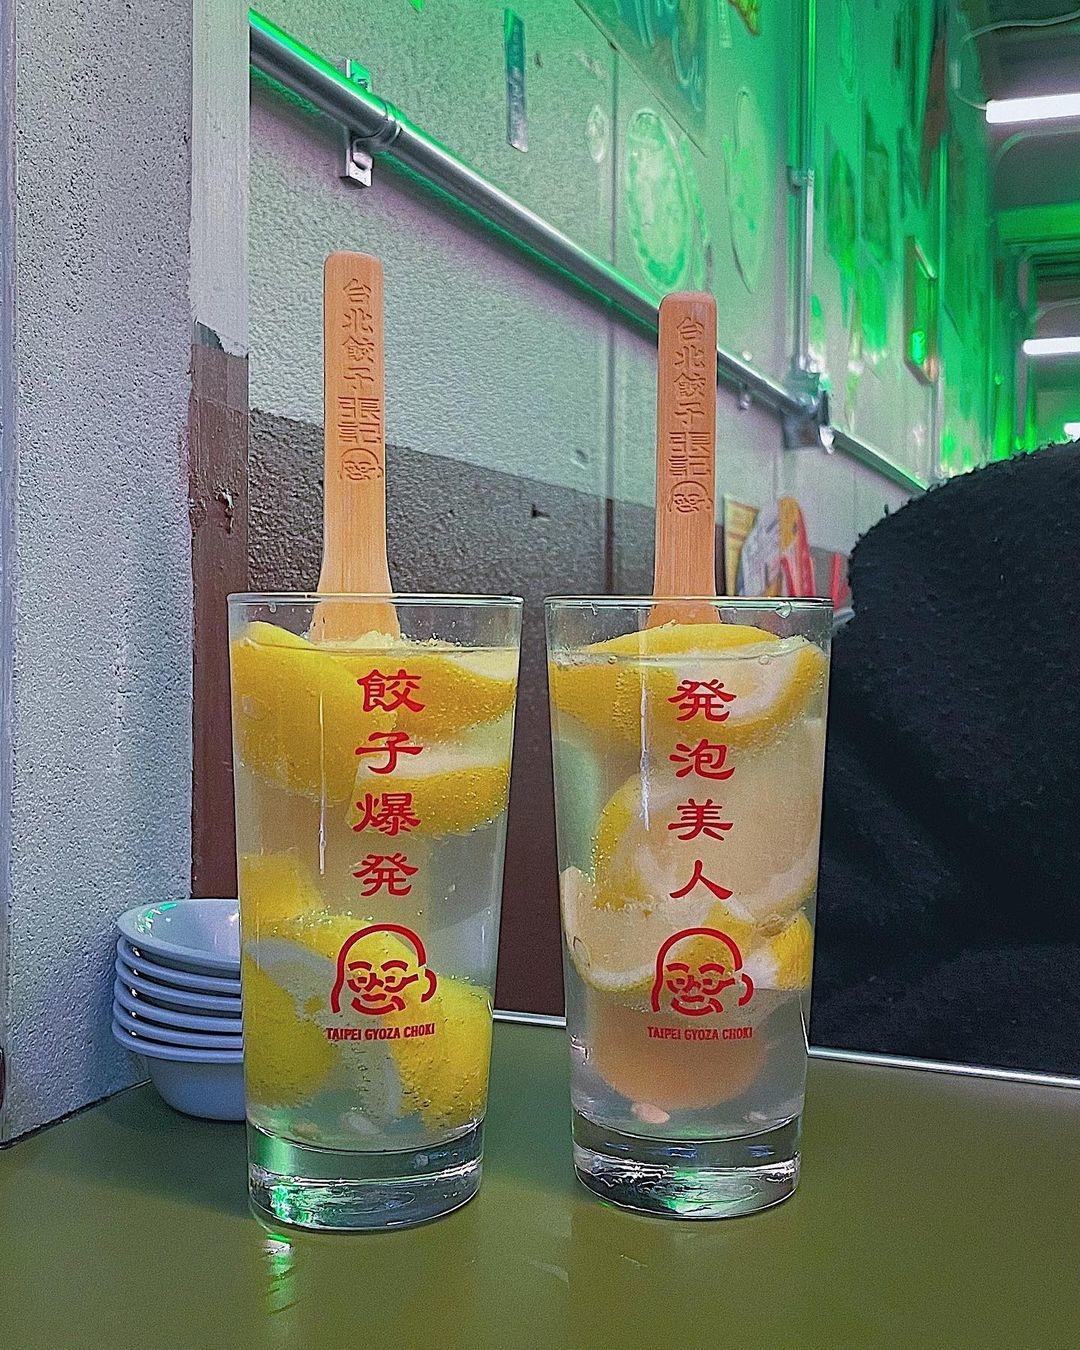 台北の地元で人気の老舗餃子店